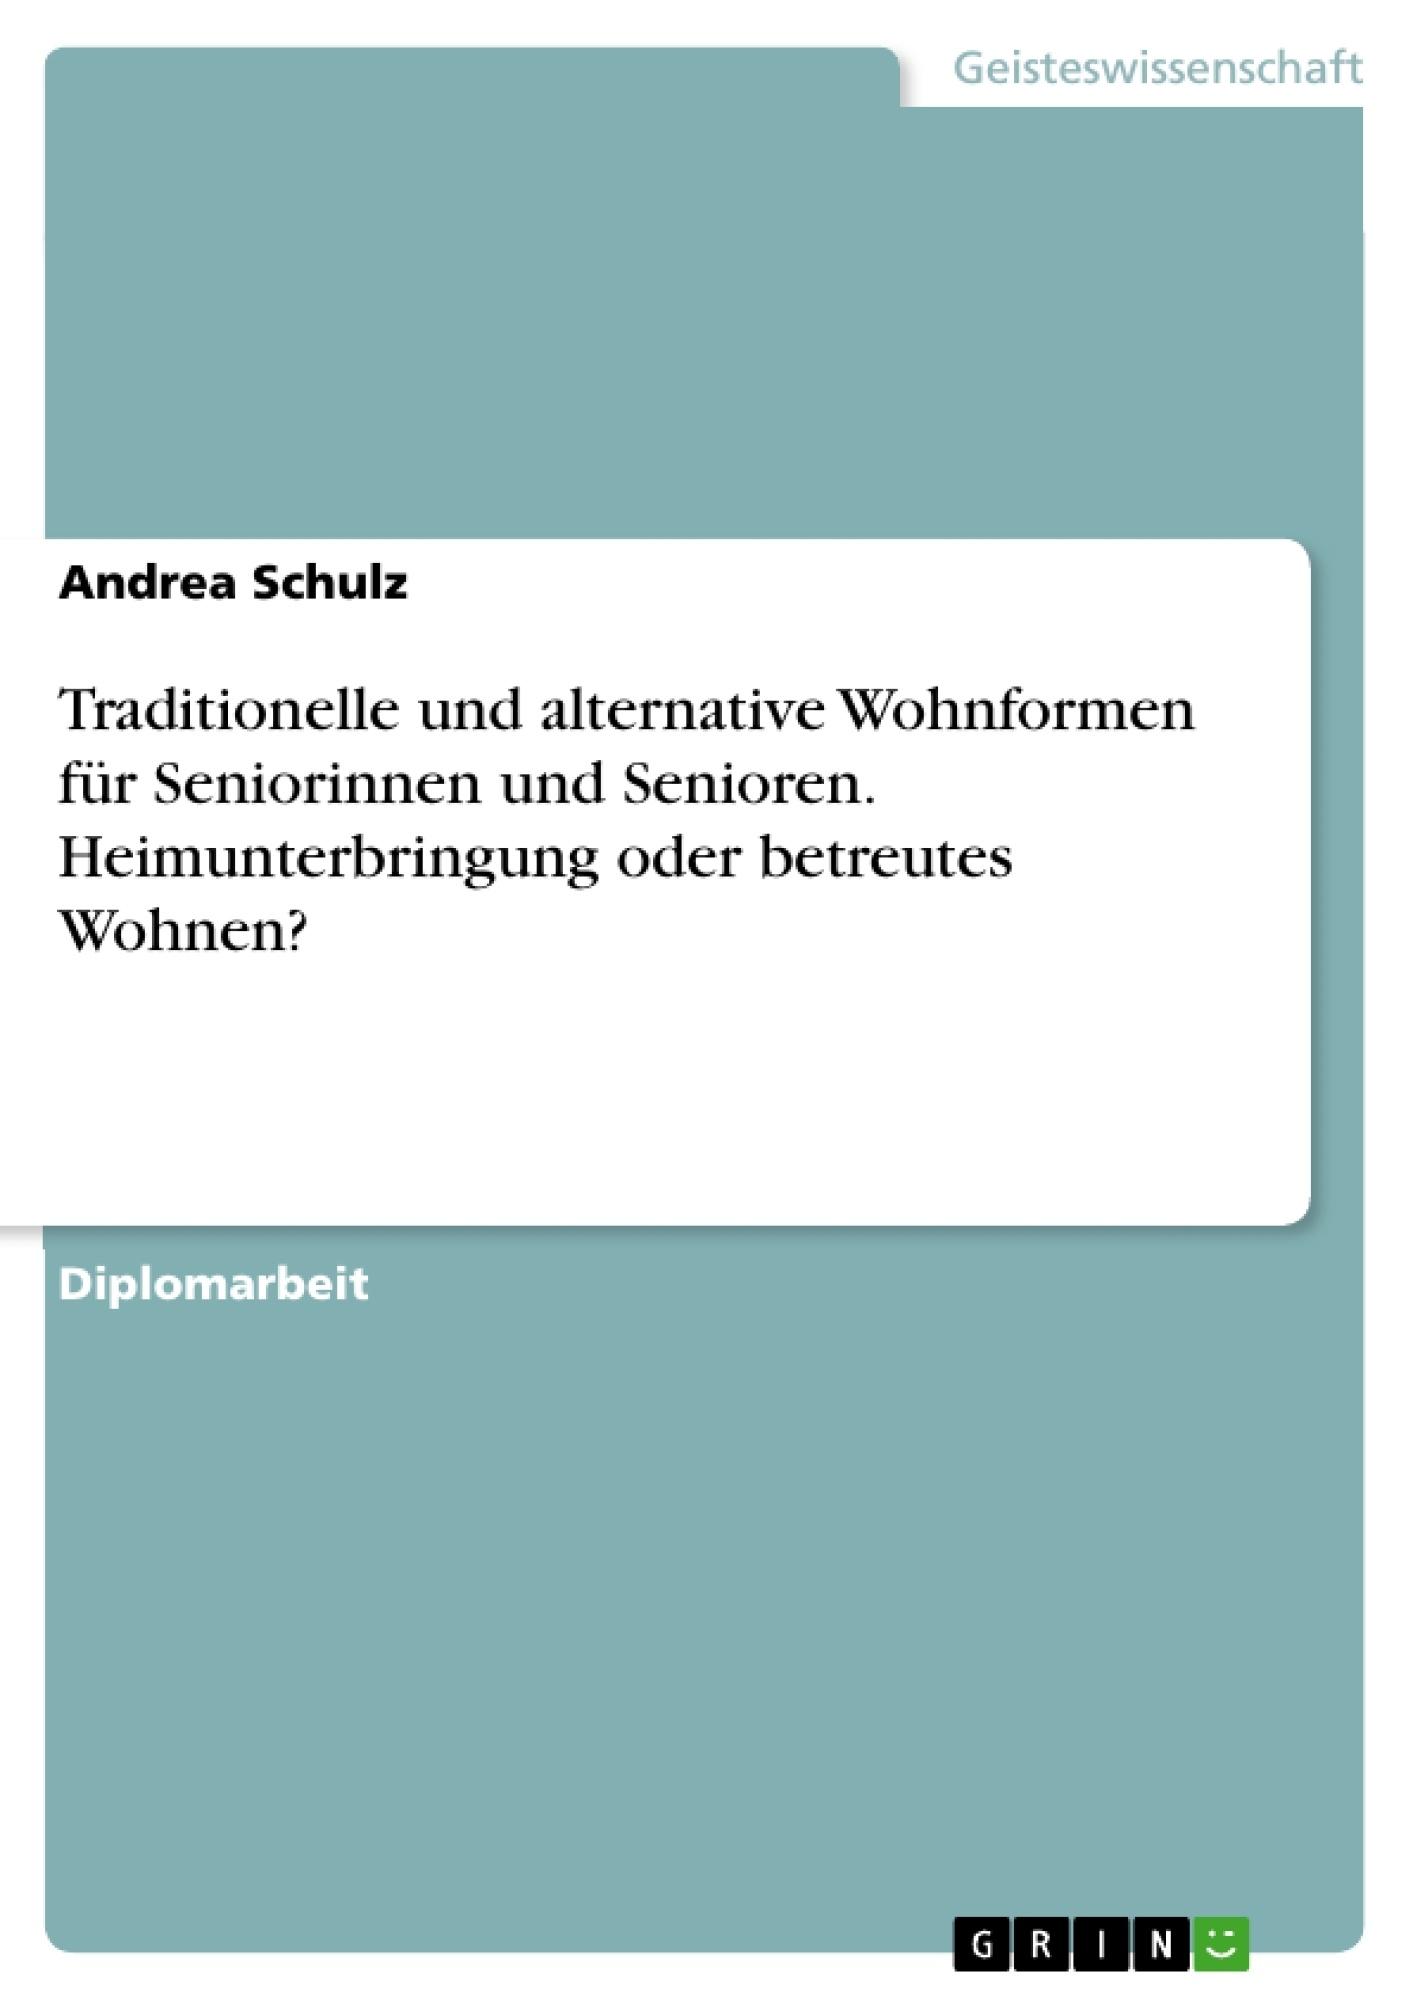 Titel: Traditionelle und alternative Wohnformen für Seniorinnen und Senioren. Heimunterbringung oder betreutes Wohnen?